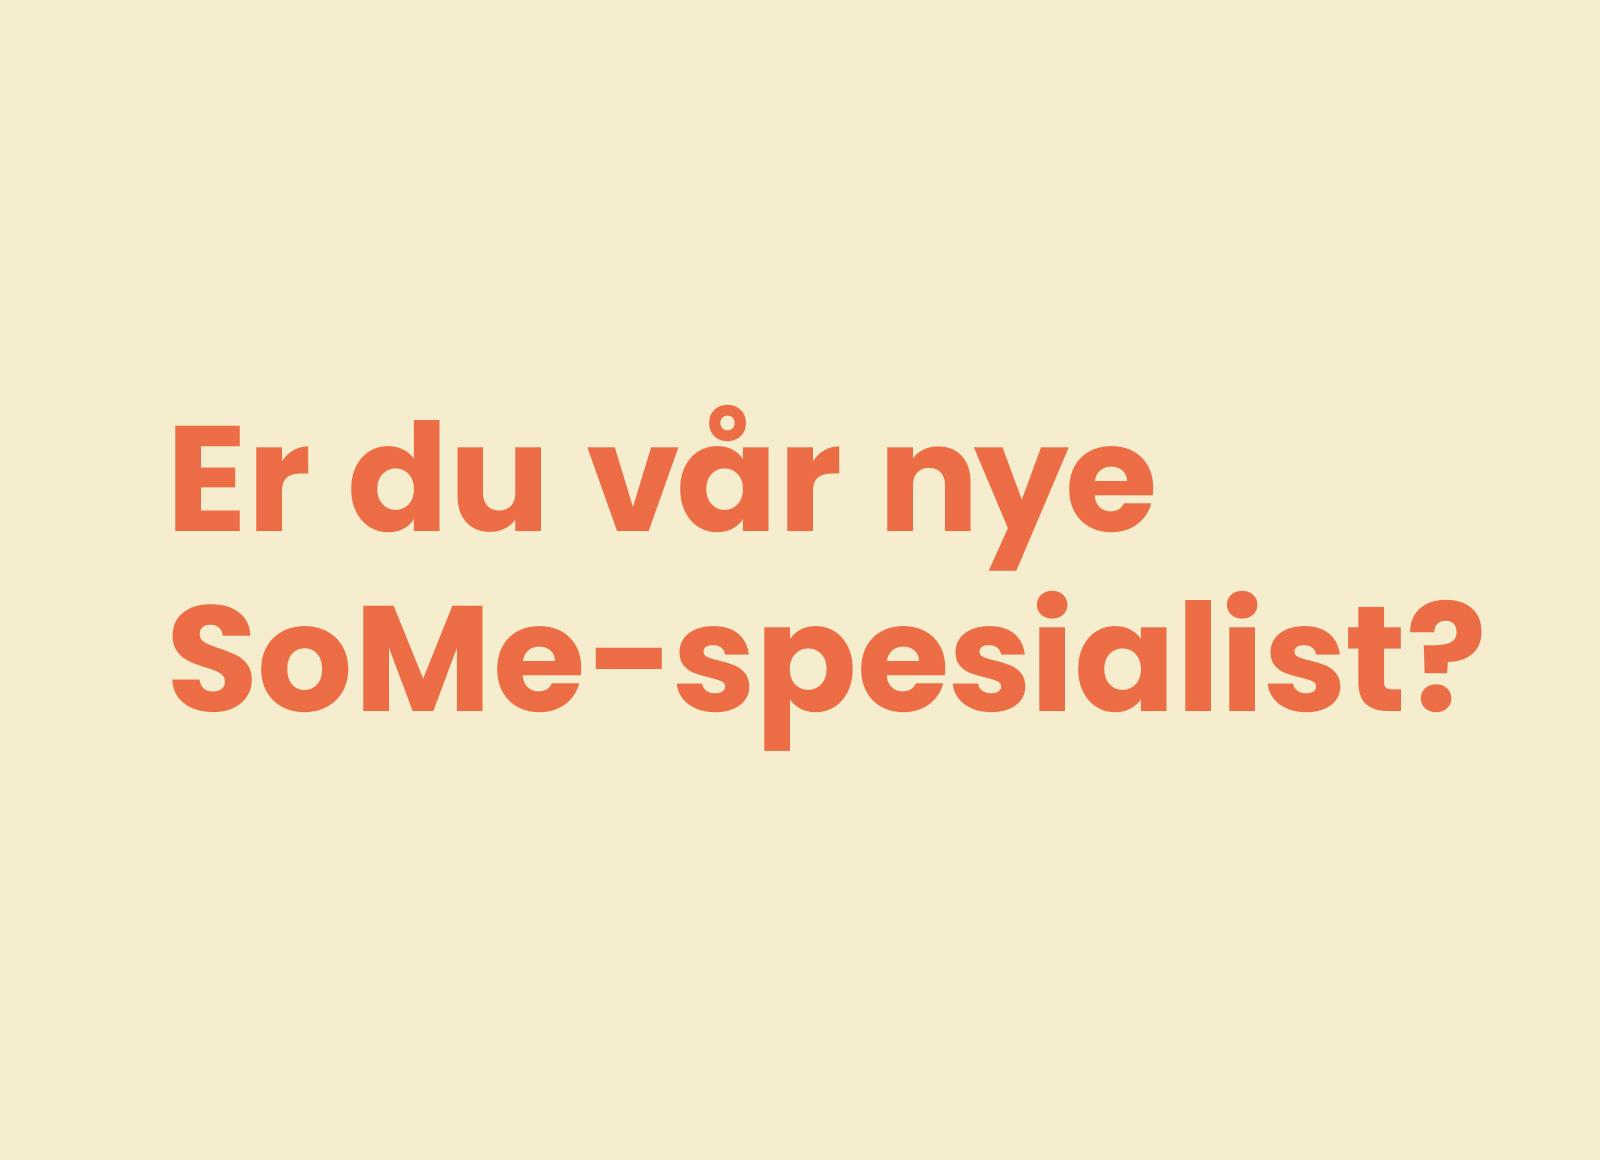 Er du vår nye SoMe-spesialist?